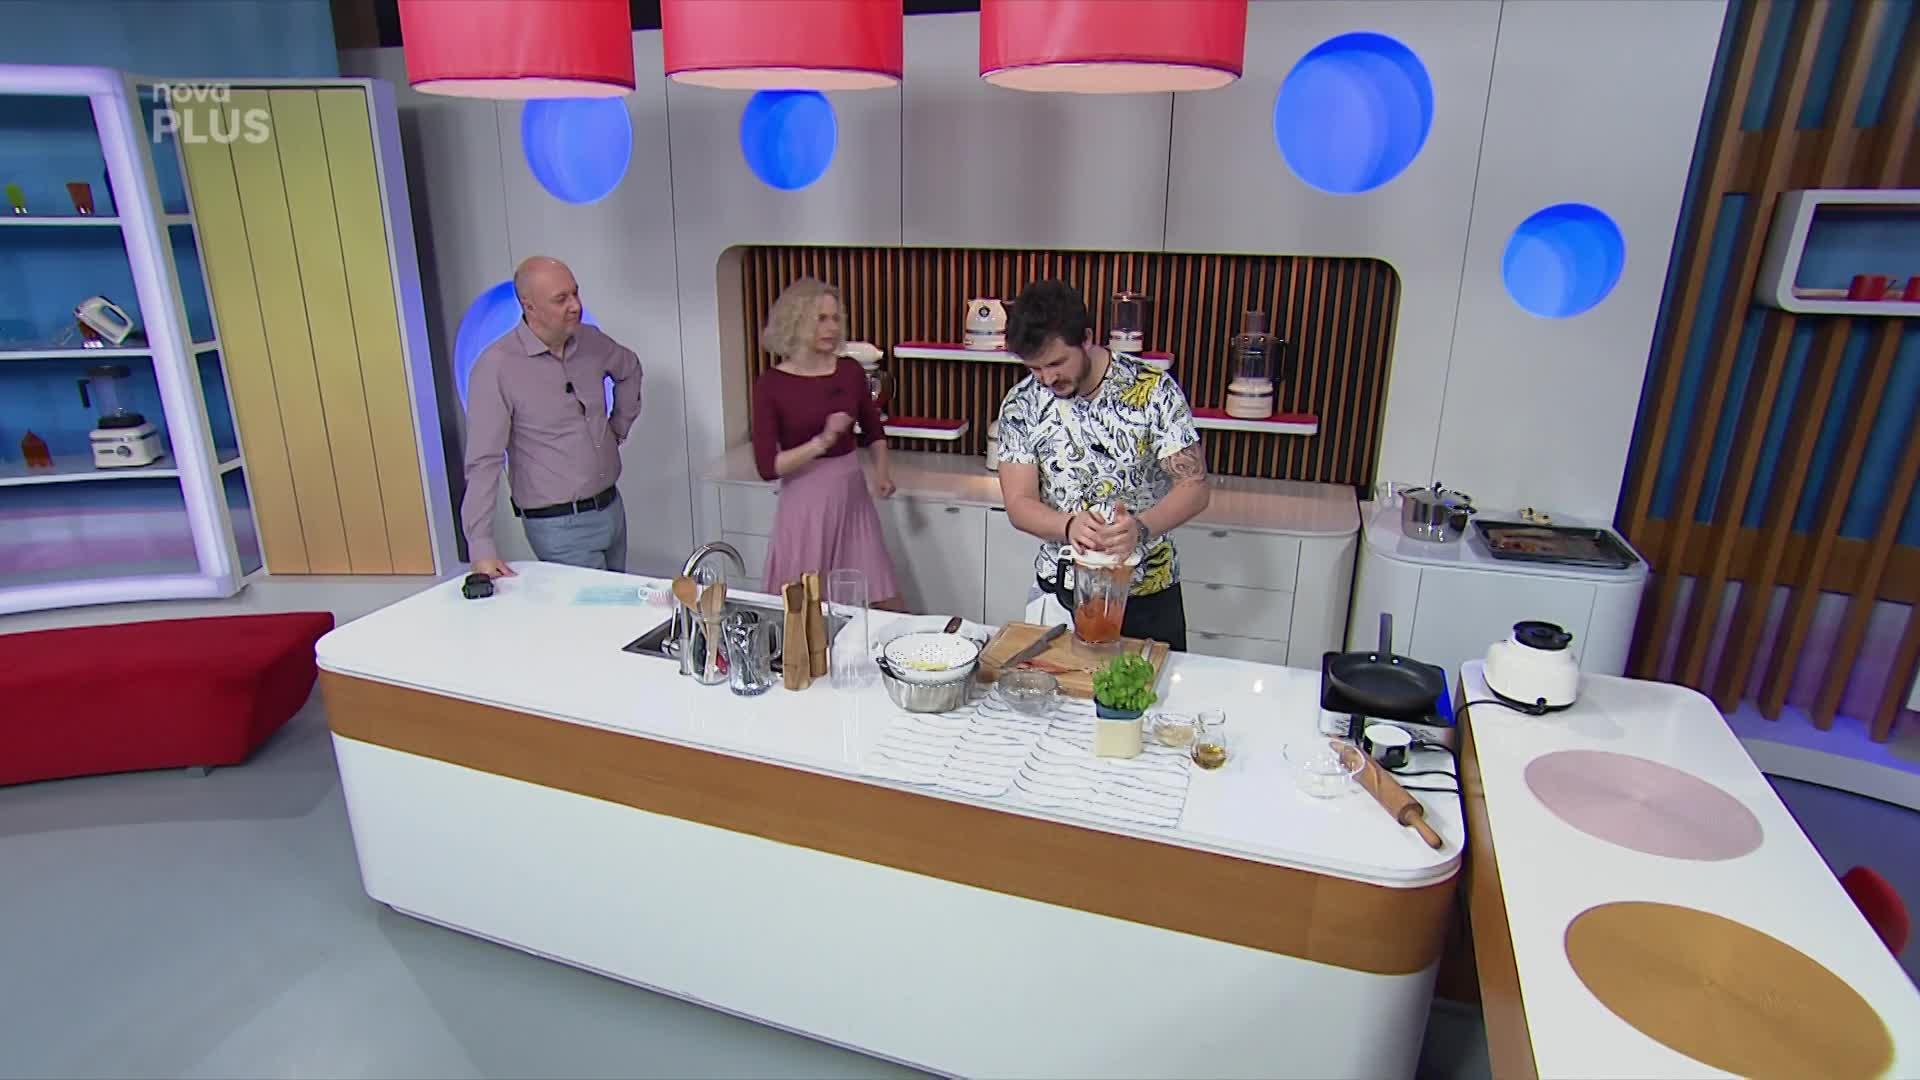 Vaříme s Romanem: Jak připravit domácí těstoviny s kečupem a parmezánem?